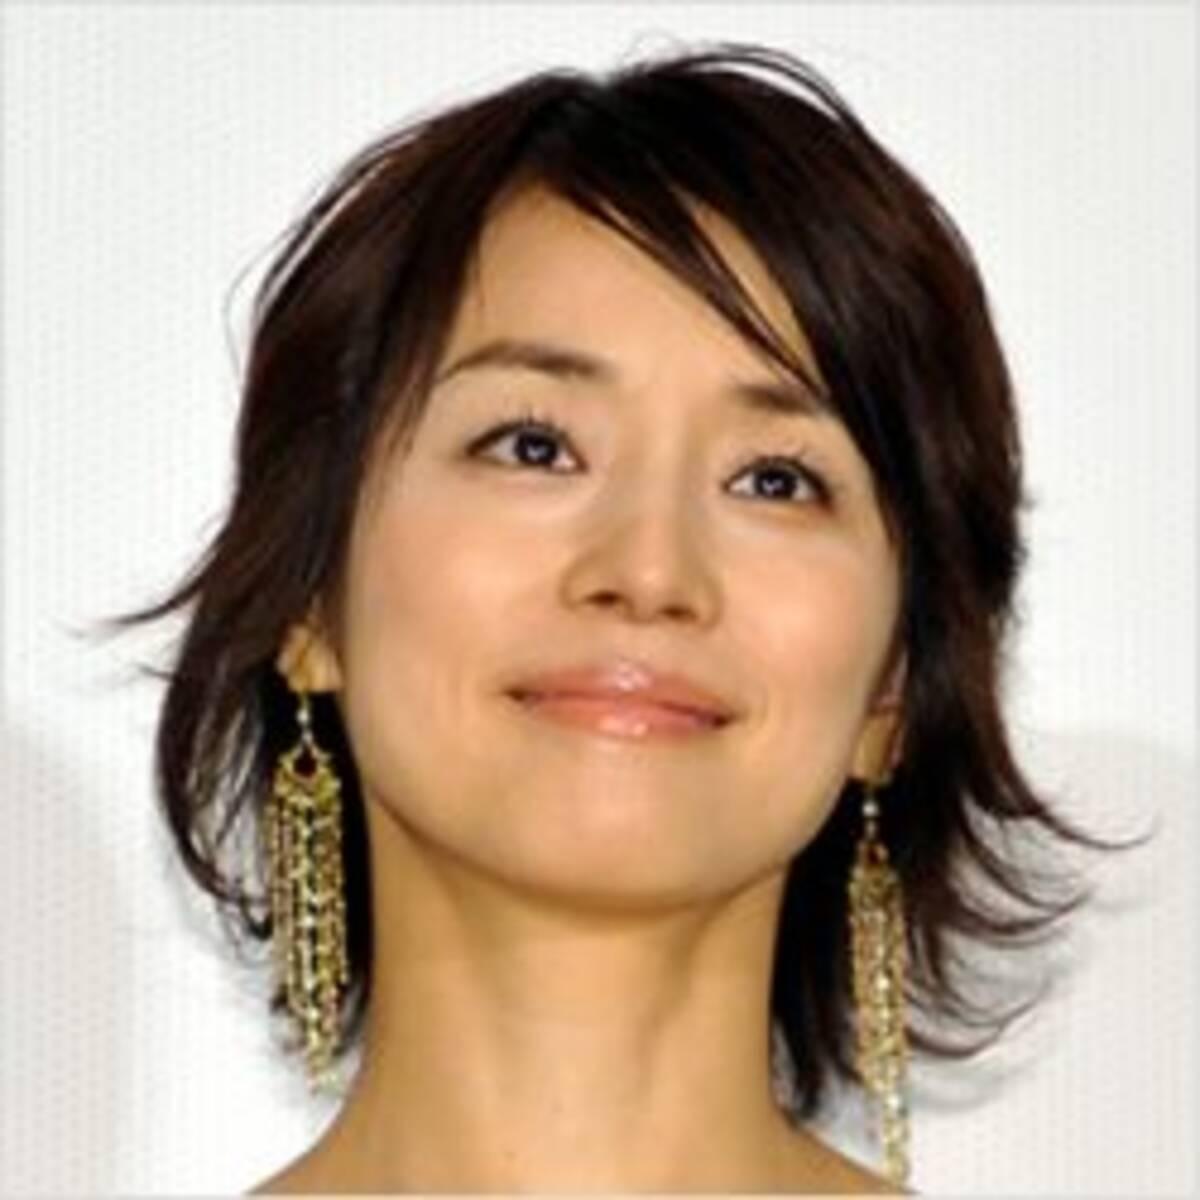 石田ゆり子がスマートウォッチデビュー 待受画像でわかった 結婚